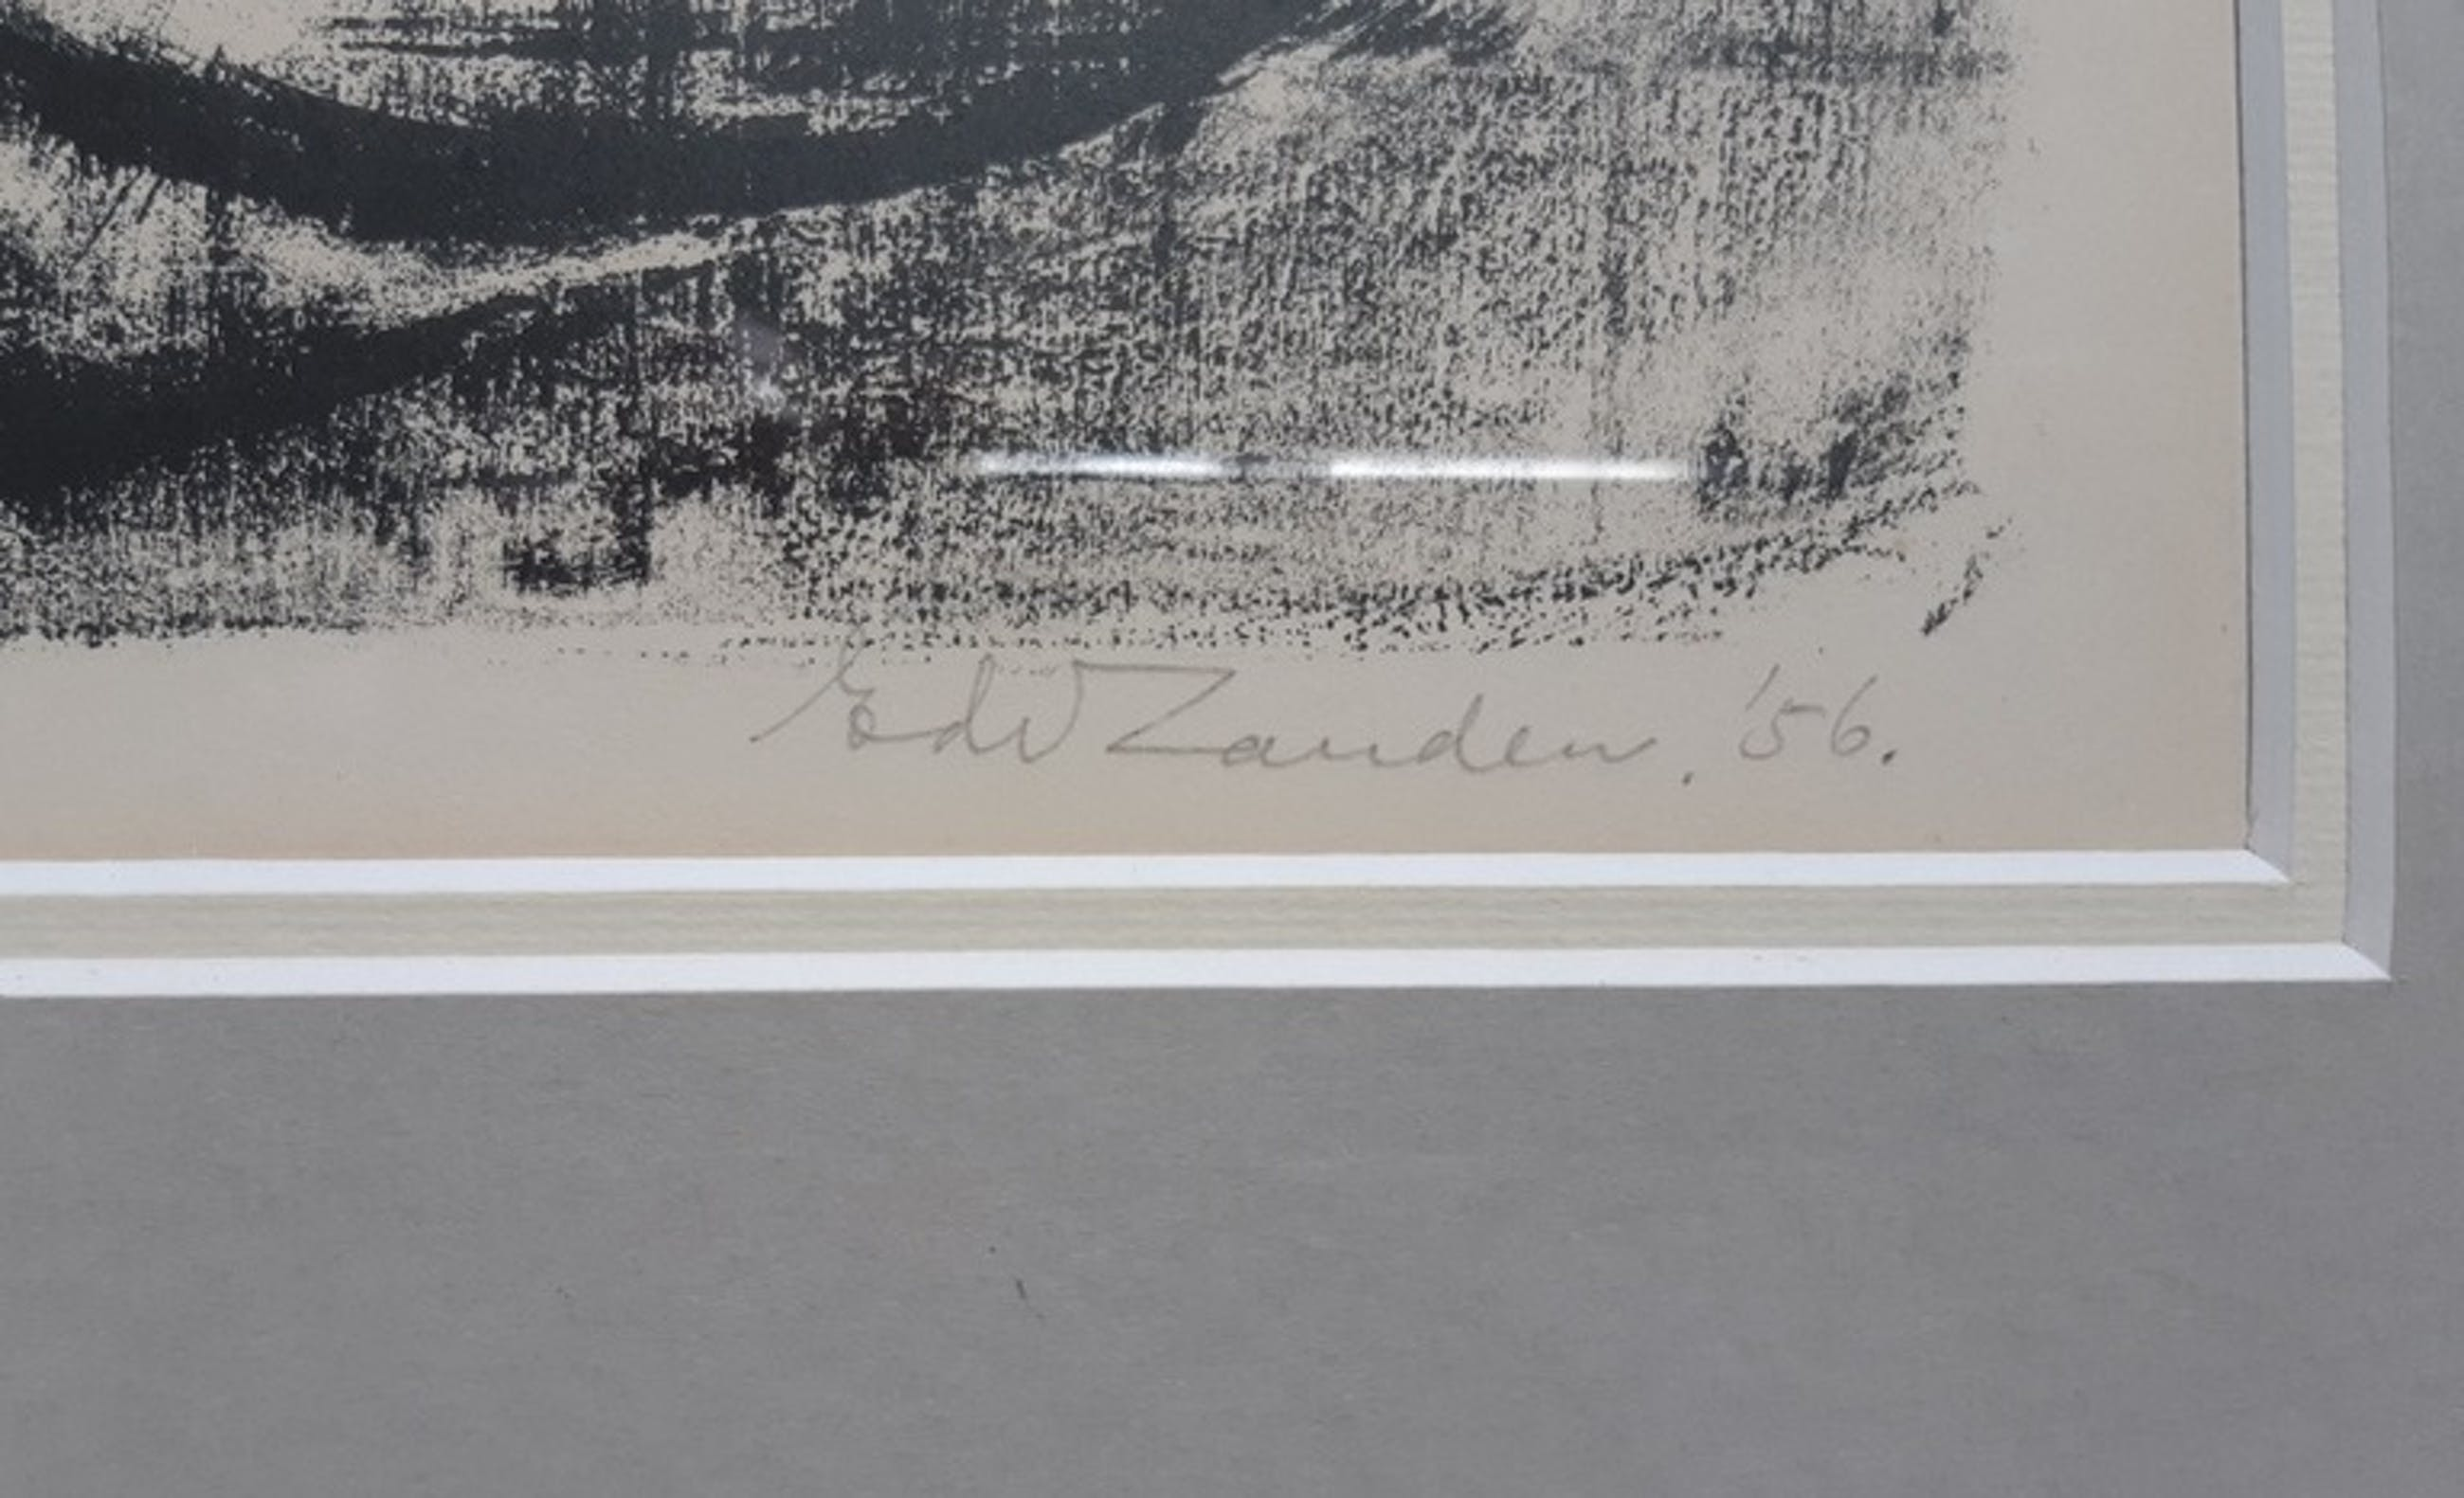 Eduard van Zanden - Eduard van Zanden - Touwtje springen - litho kopen? Bied vanaf 10!